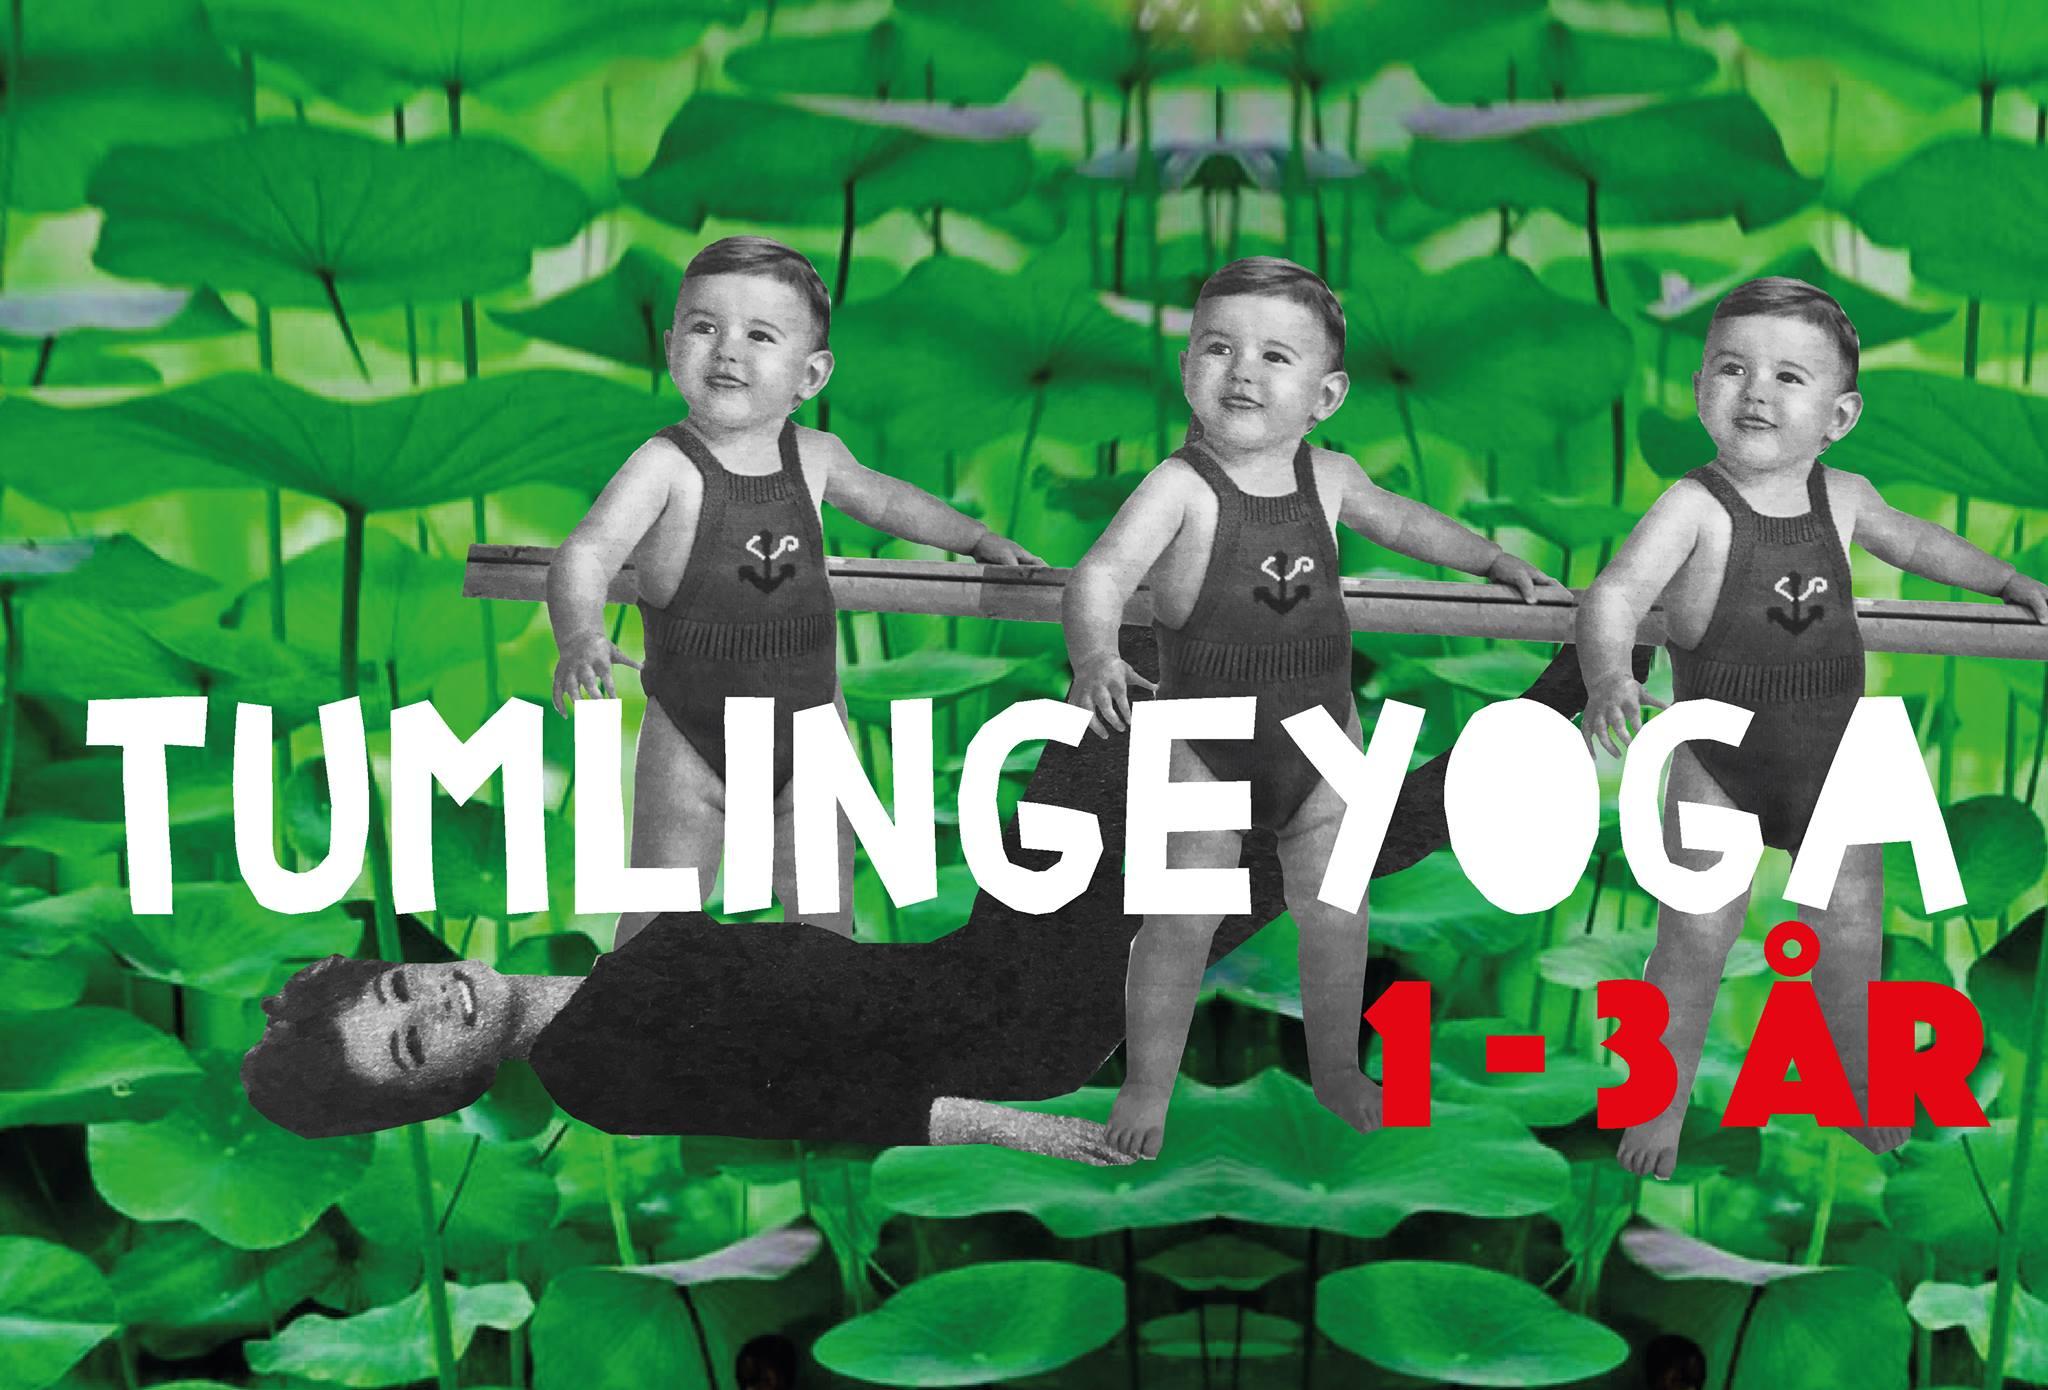 64b10e3a74c Fra 11:15 til 12:00Tumlingeyoga for 1-3 årige hver torsdag kl. 11.15 i  Absalon. Det er legende og sjov yoga for børn og voksne.